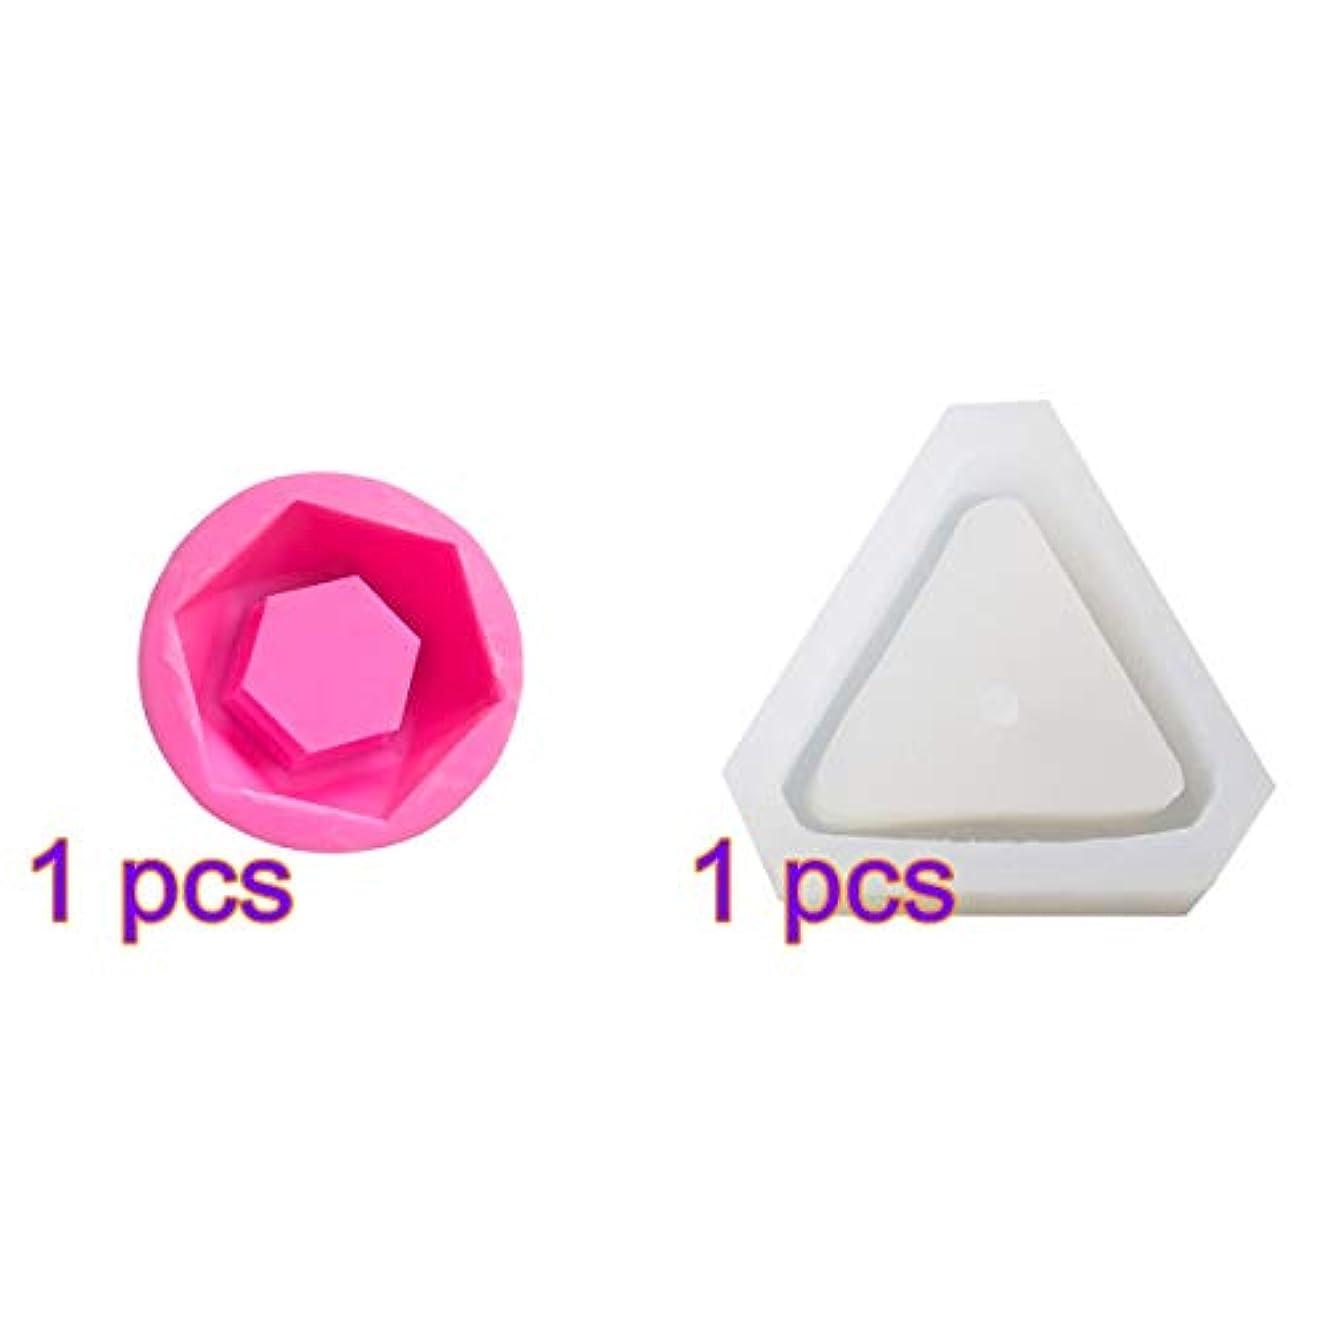 堀確実成熟したSUPVOX シリコーン金型多肉植物植物セメントプランター金型ホームインテリア(三角形+ダイヤモンド)